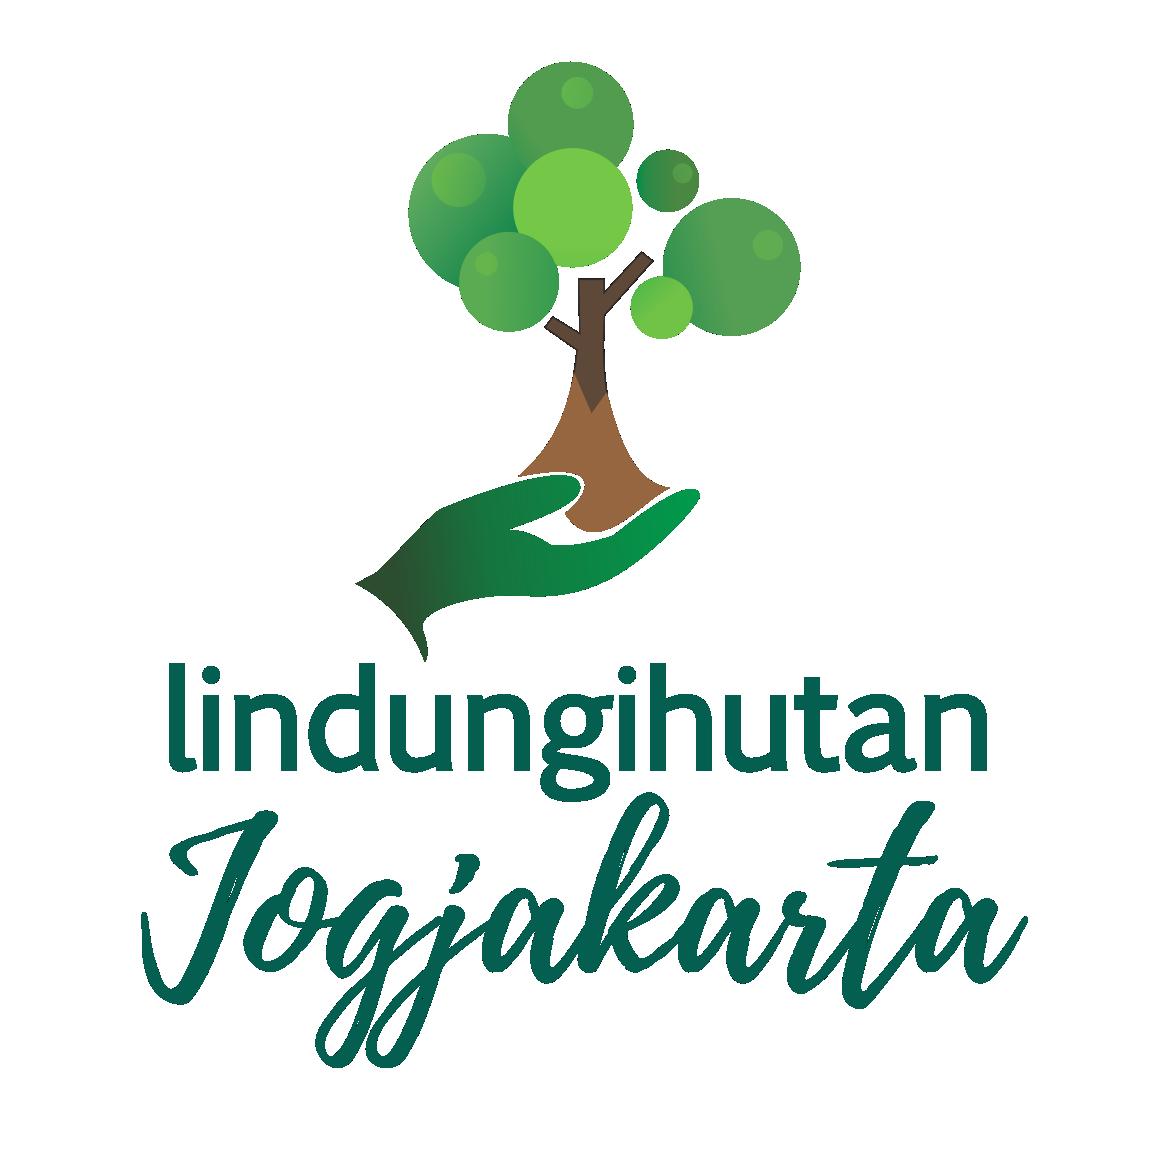 Relawan Jogjakarta